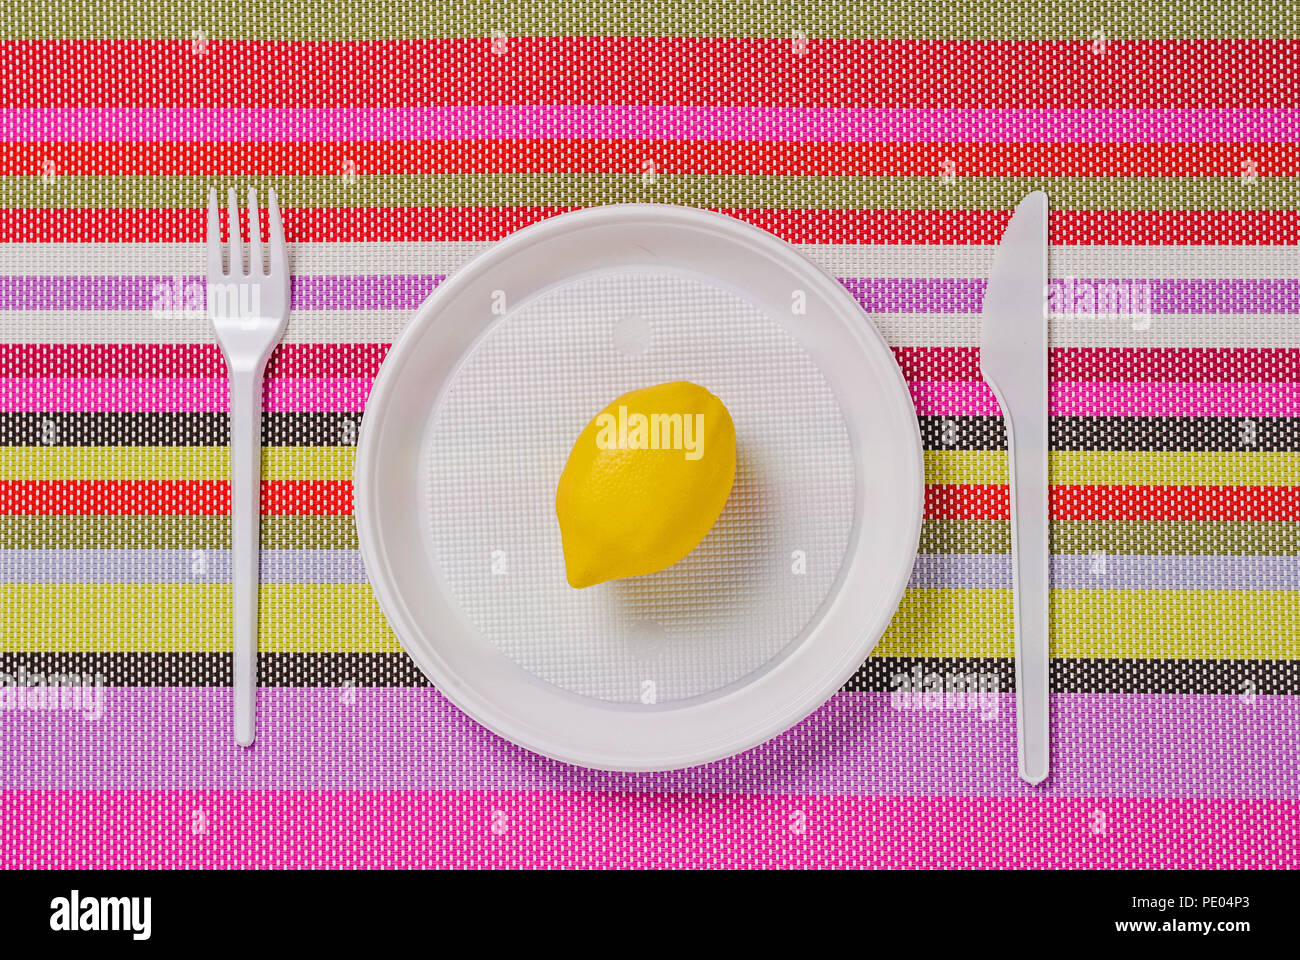 Kunststoff Weiss Geschirr Teller Gabel Und Messer Auf Eine Farbige